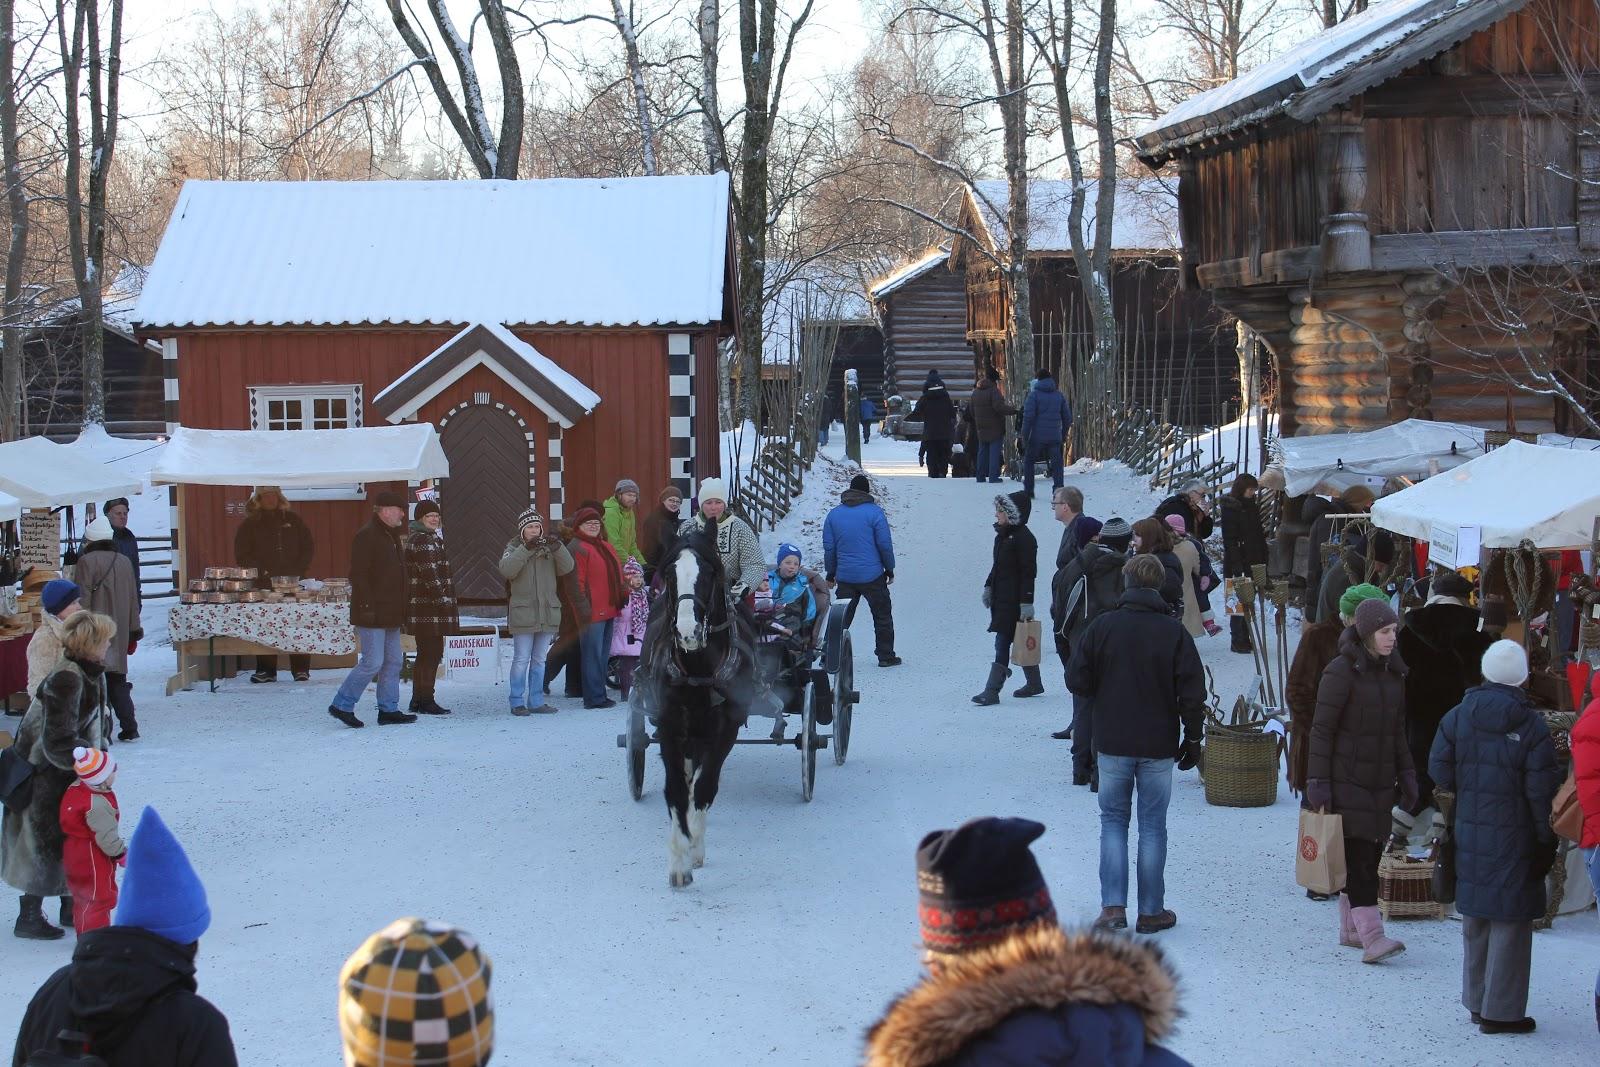 Christmas market at Norsk Folkemuseum. Photo: Theresa Søreide/Norsk Fokemuseum - Visitnorway.com.